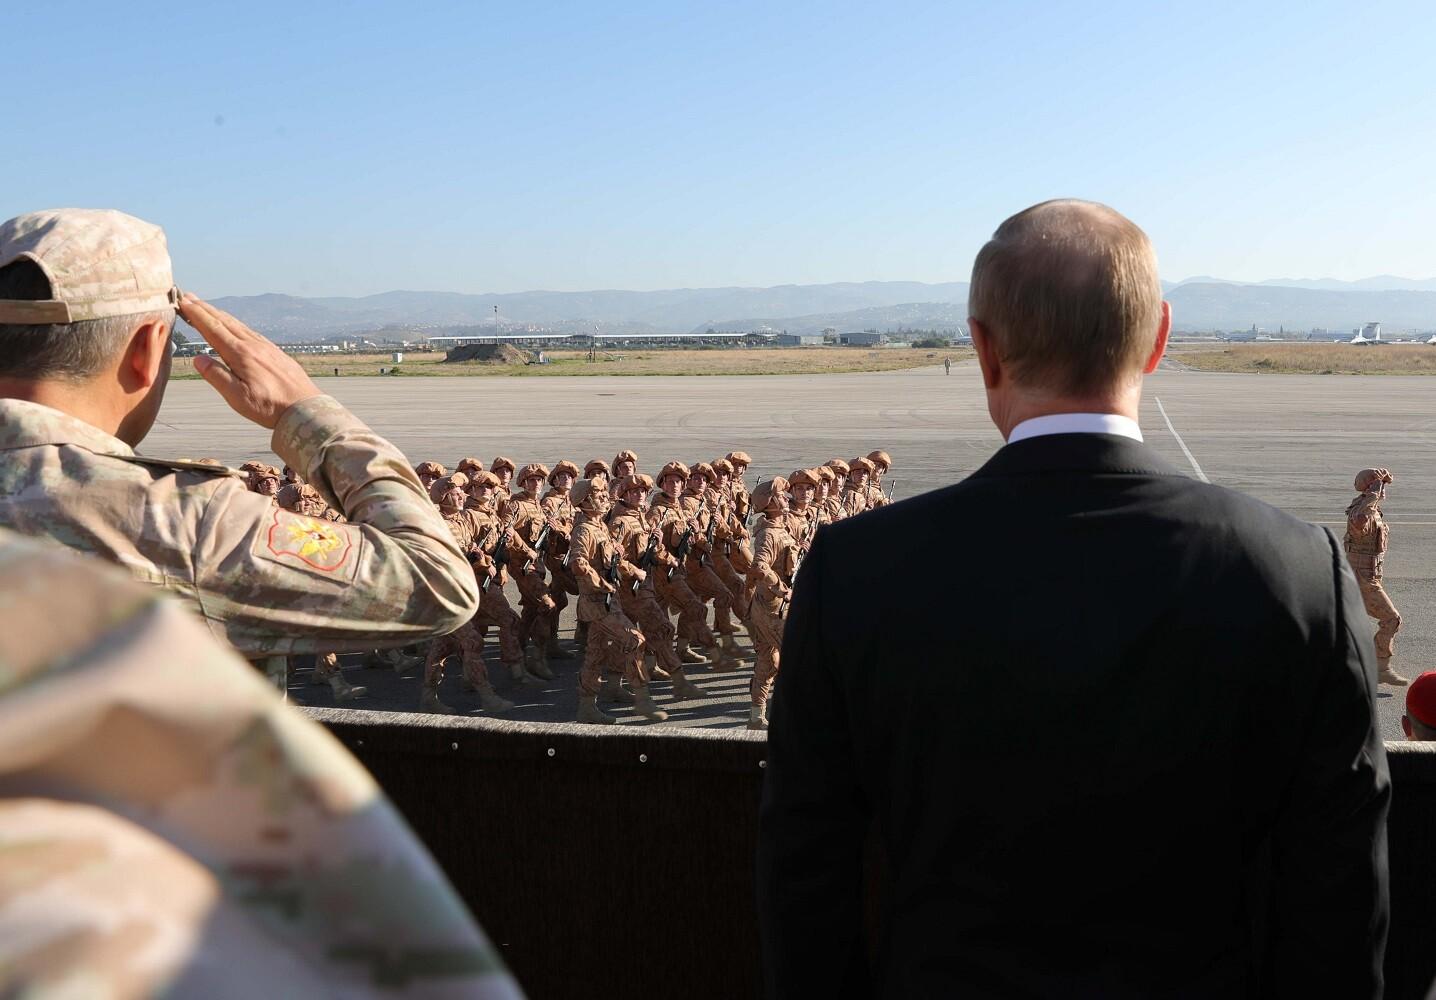 الرئيس الروسي يخضر عرضا عسكريا لدى زيارته لقاعدة حميميم الجوية الروسية في سوريا في ديسمبر 2017